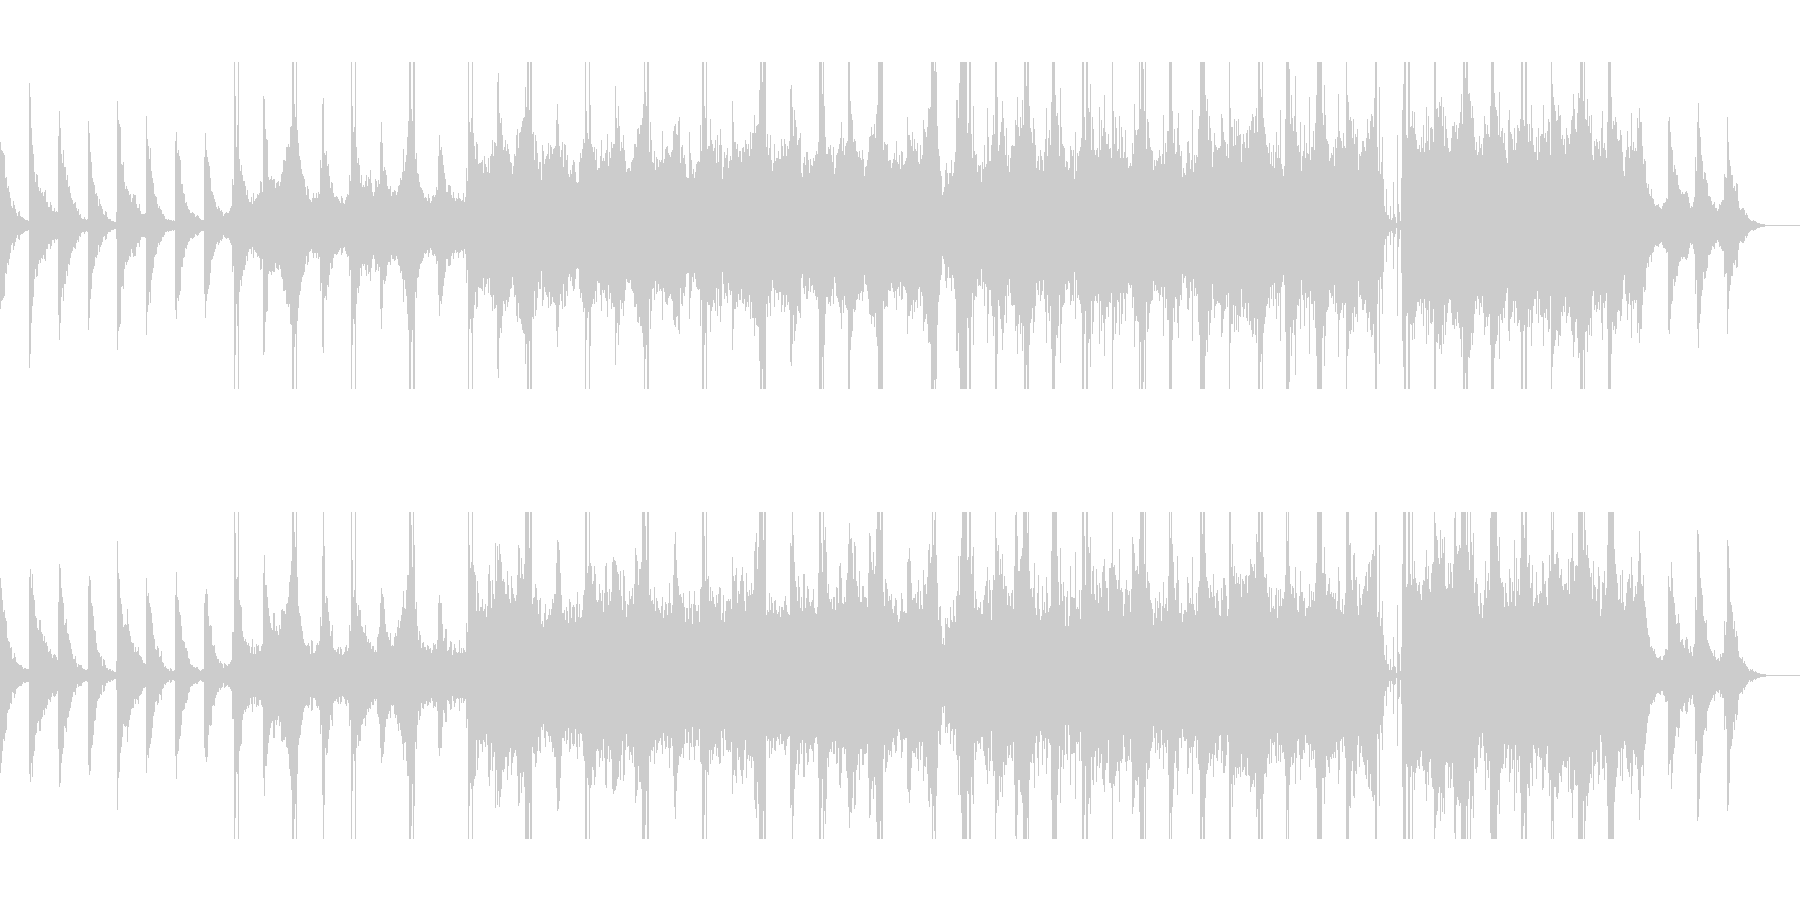 チェロのアルペジオが印象的なアンビエントの未再生の波形